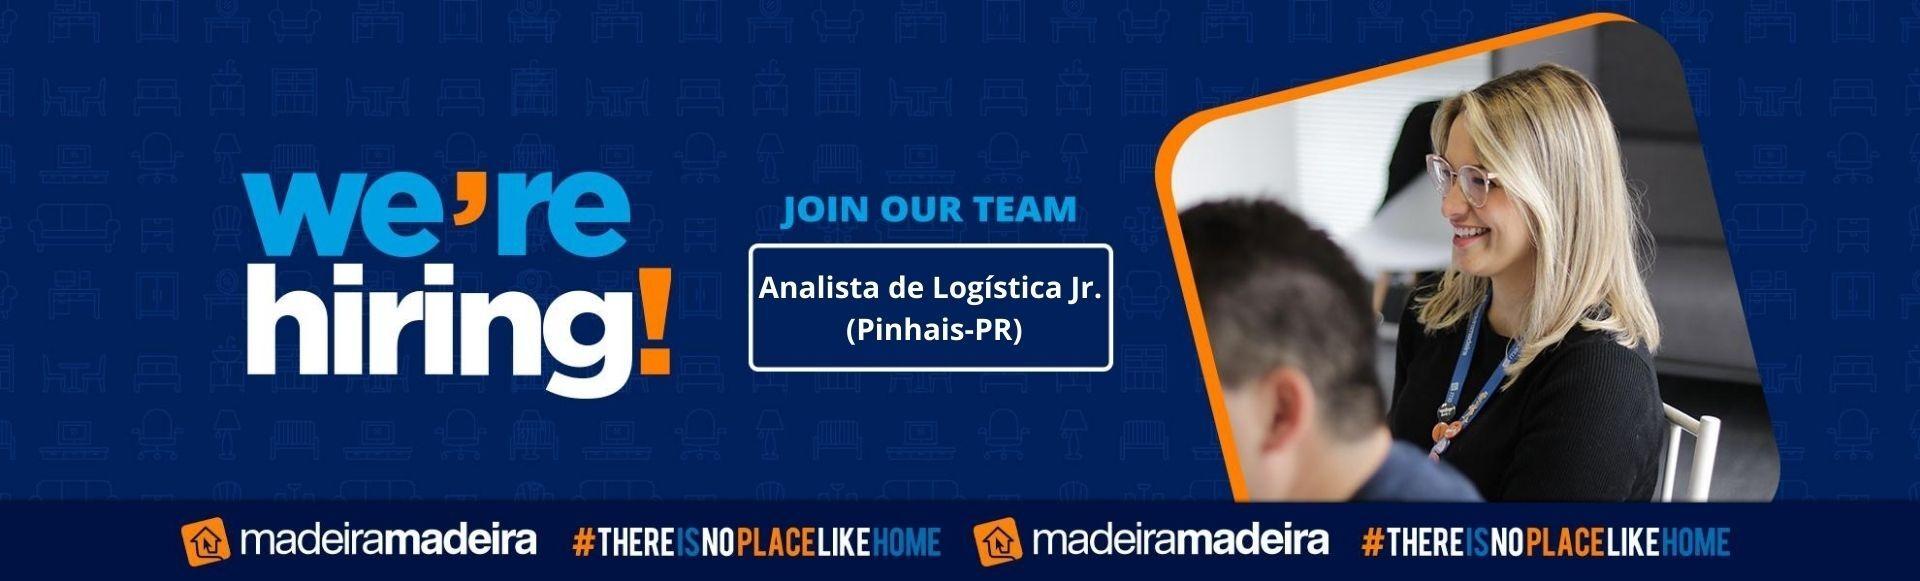 Analista de Logística Jr. (Pinhais-PR)